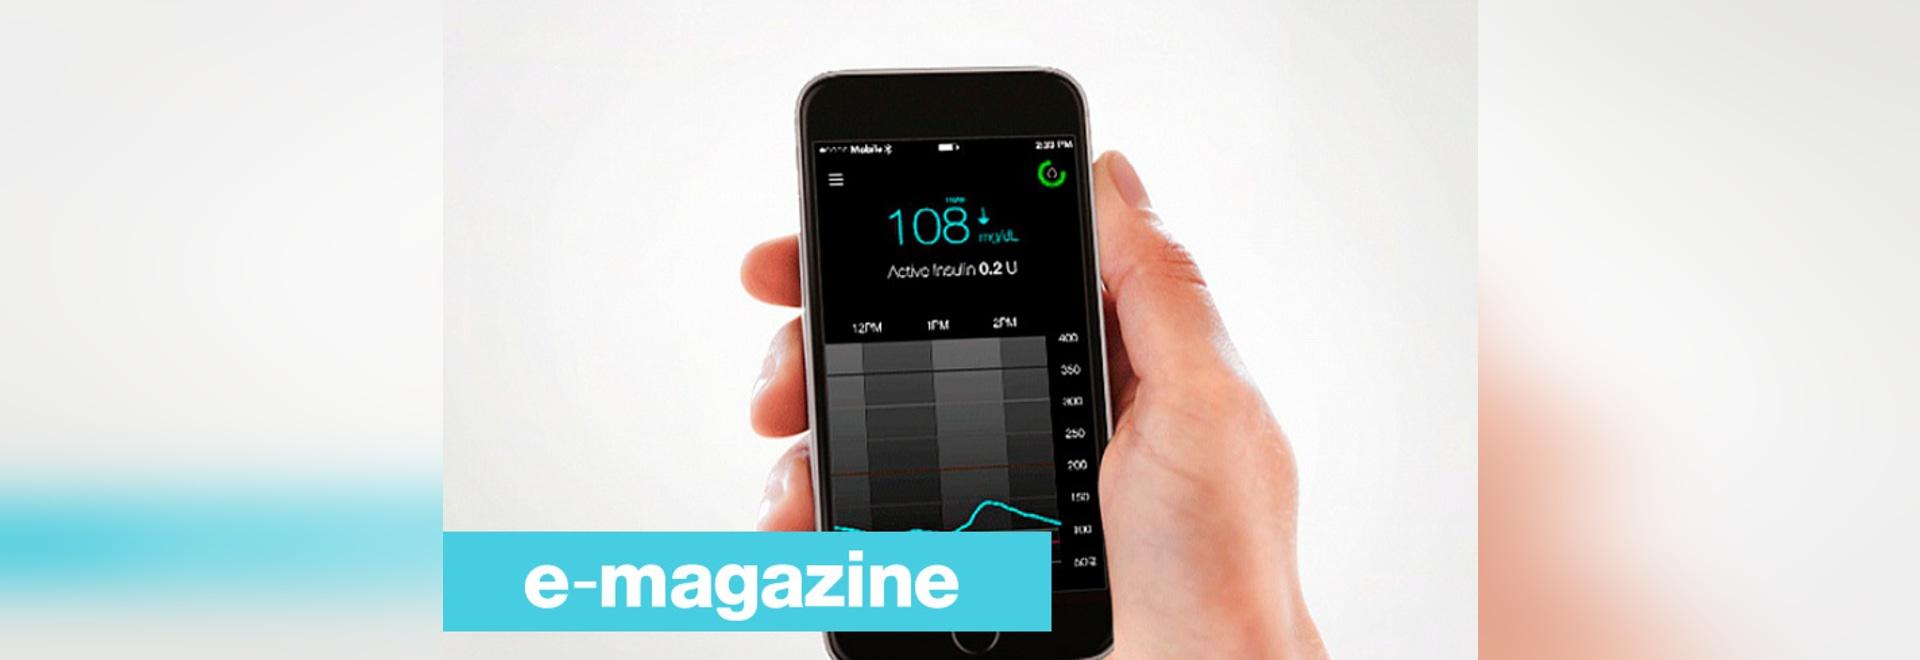 Datos pacientes de la diabetes directamente visibles en un smartphone